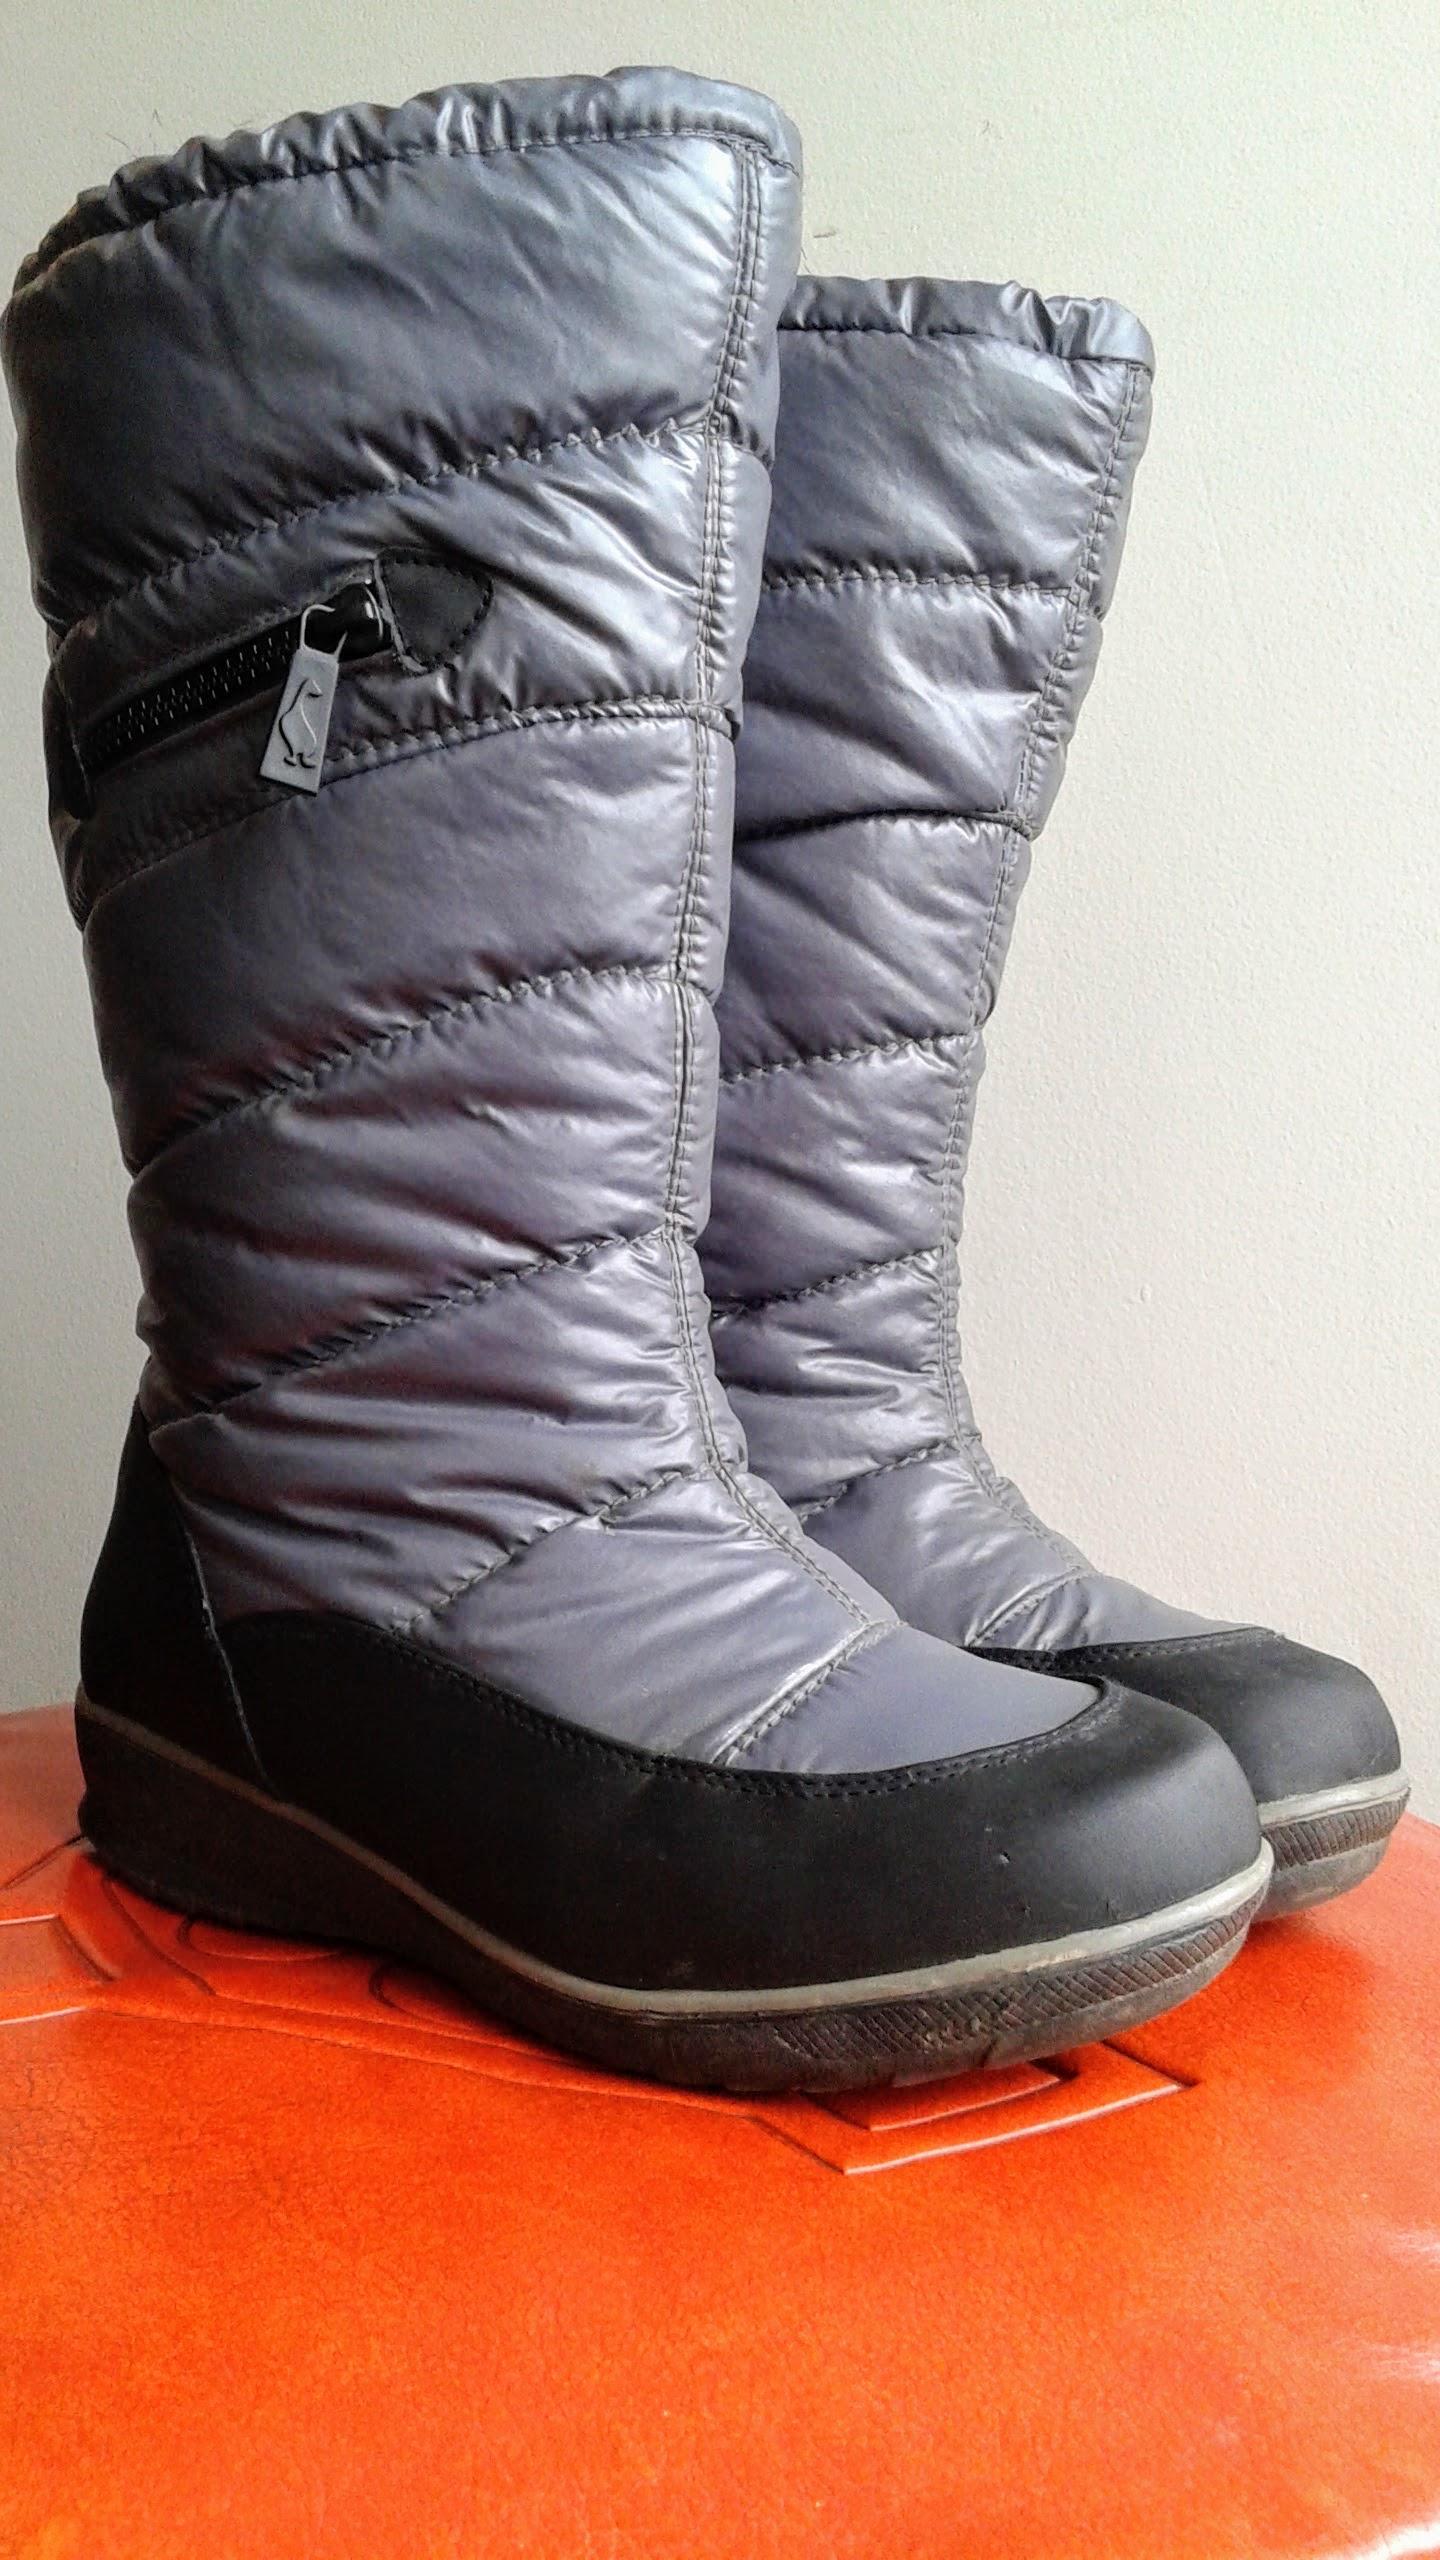 Sporto  boots; S9.5, $36